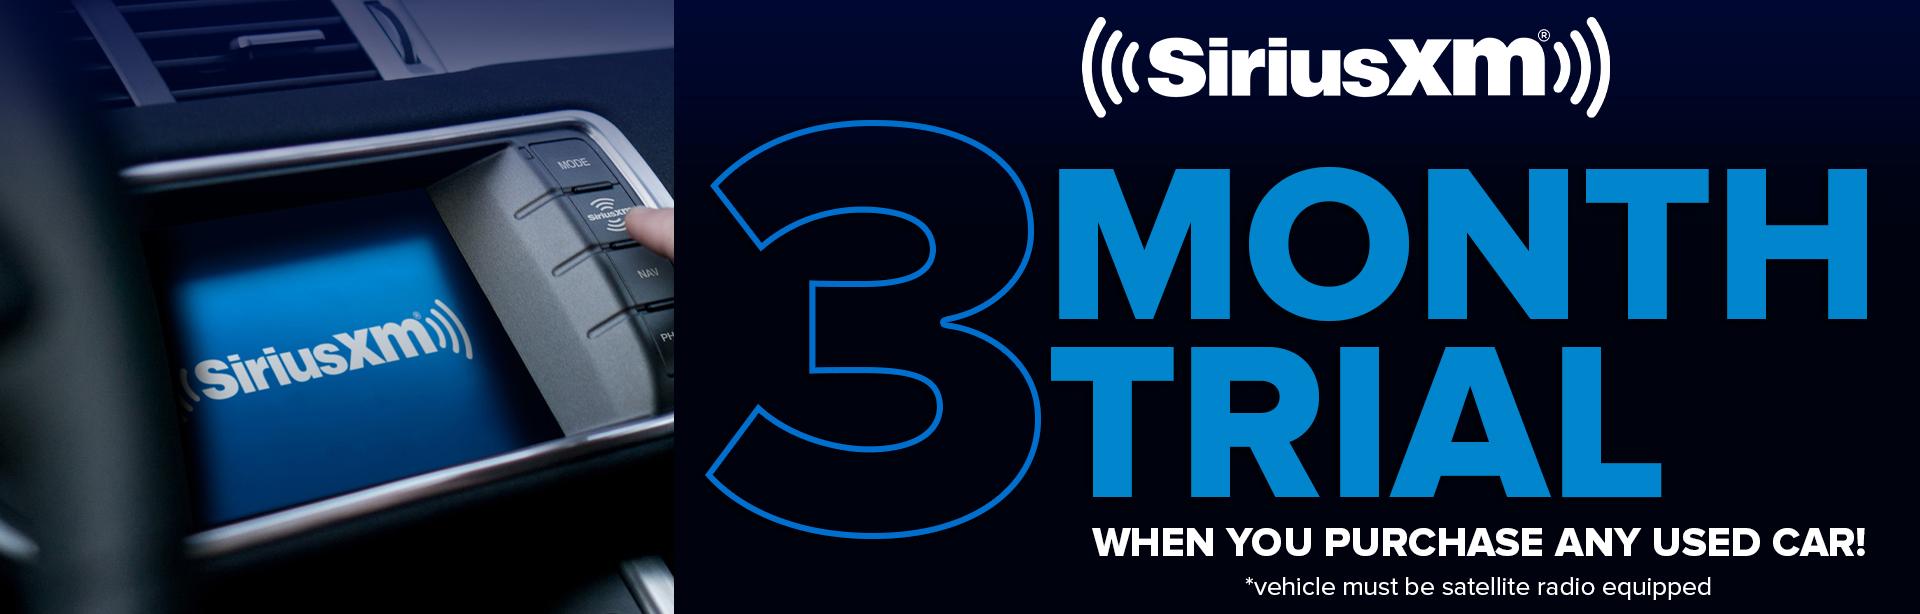 Sirius XM 3 Month Trial